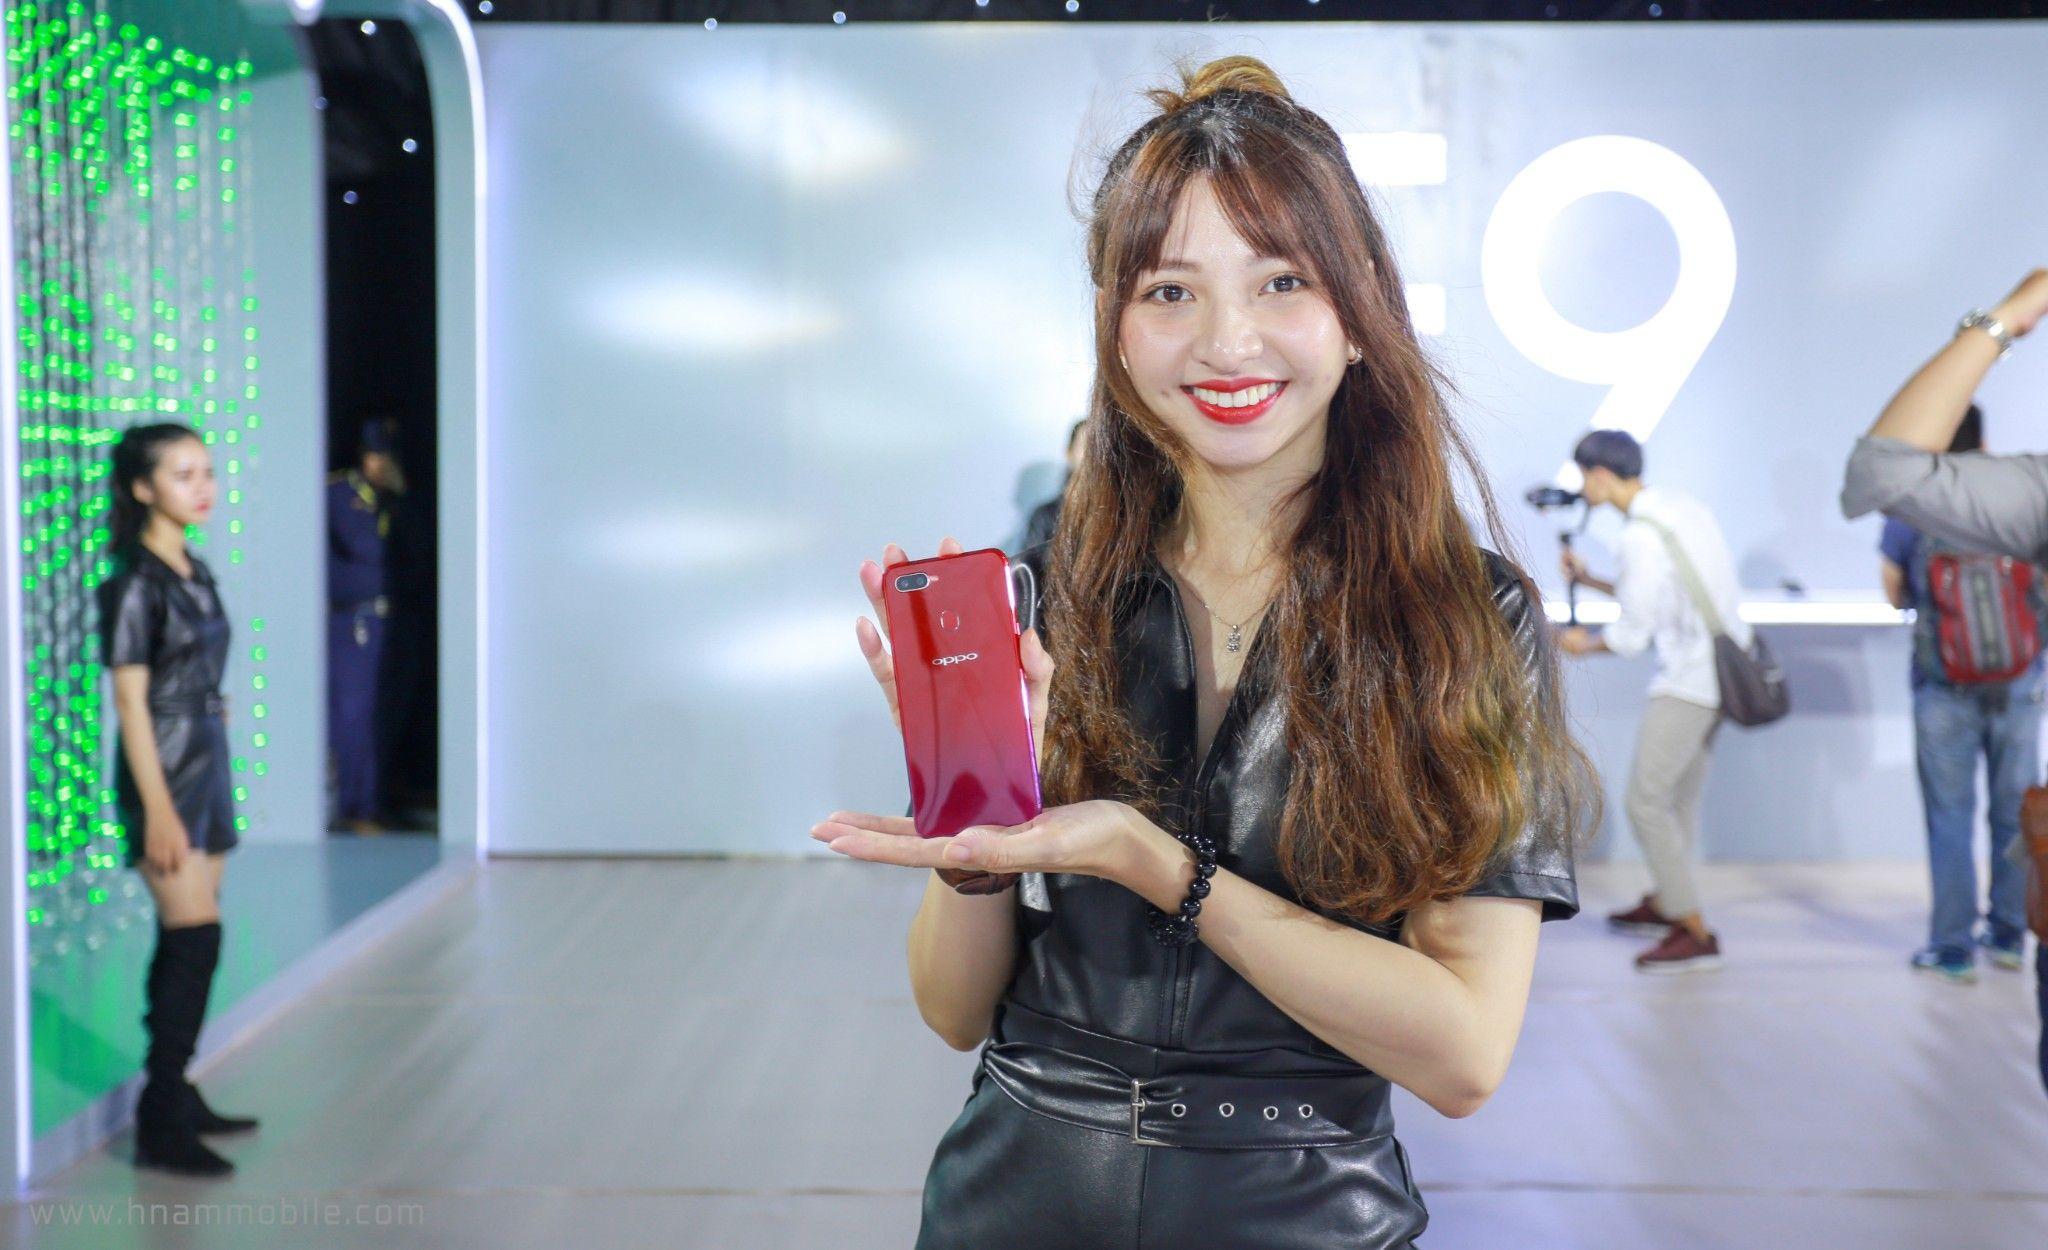 OPPO F9 ra mắt: Màn hình giọt nước, sạc nhanh VOOC, camera kép, giá 7.690.000 VNĐ hình 1